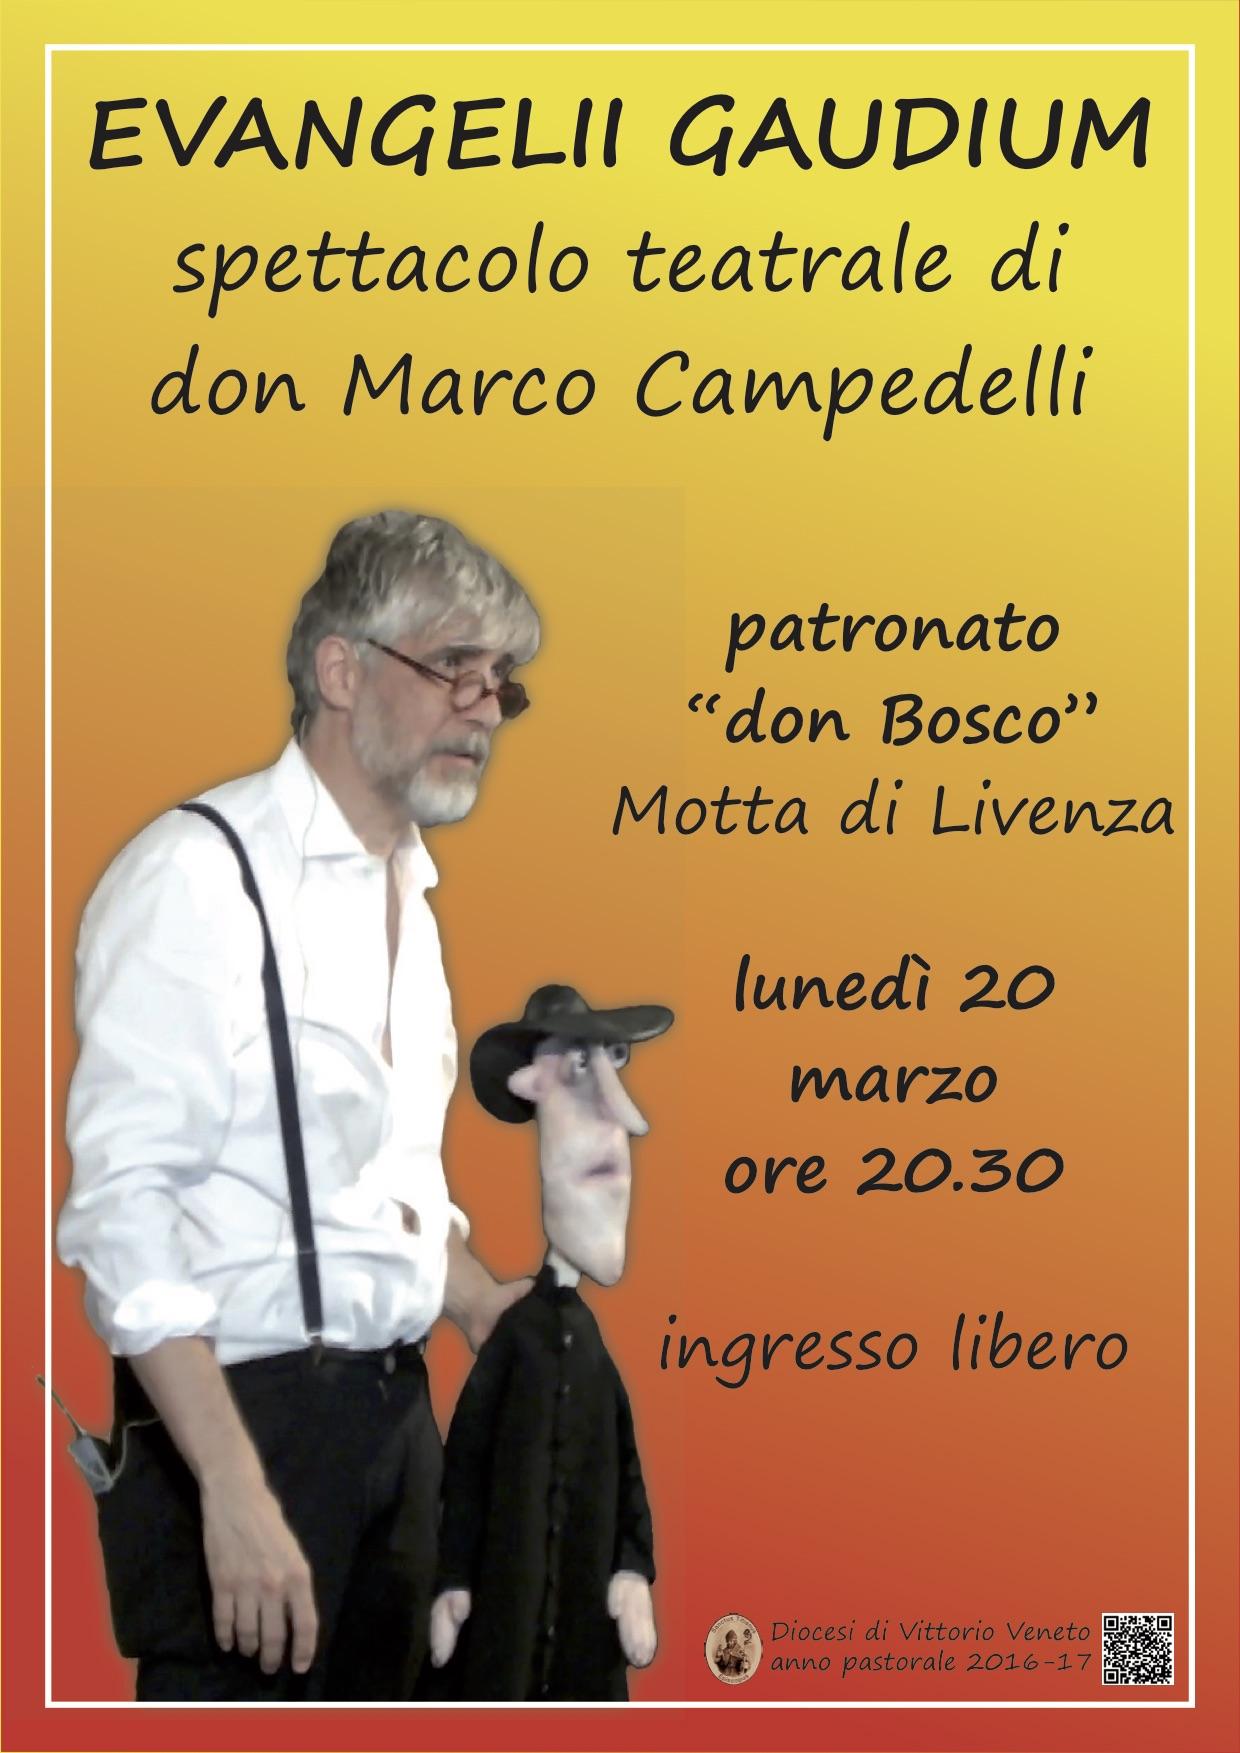 locandina_Campedelli_mar2017